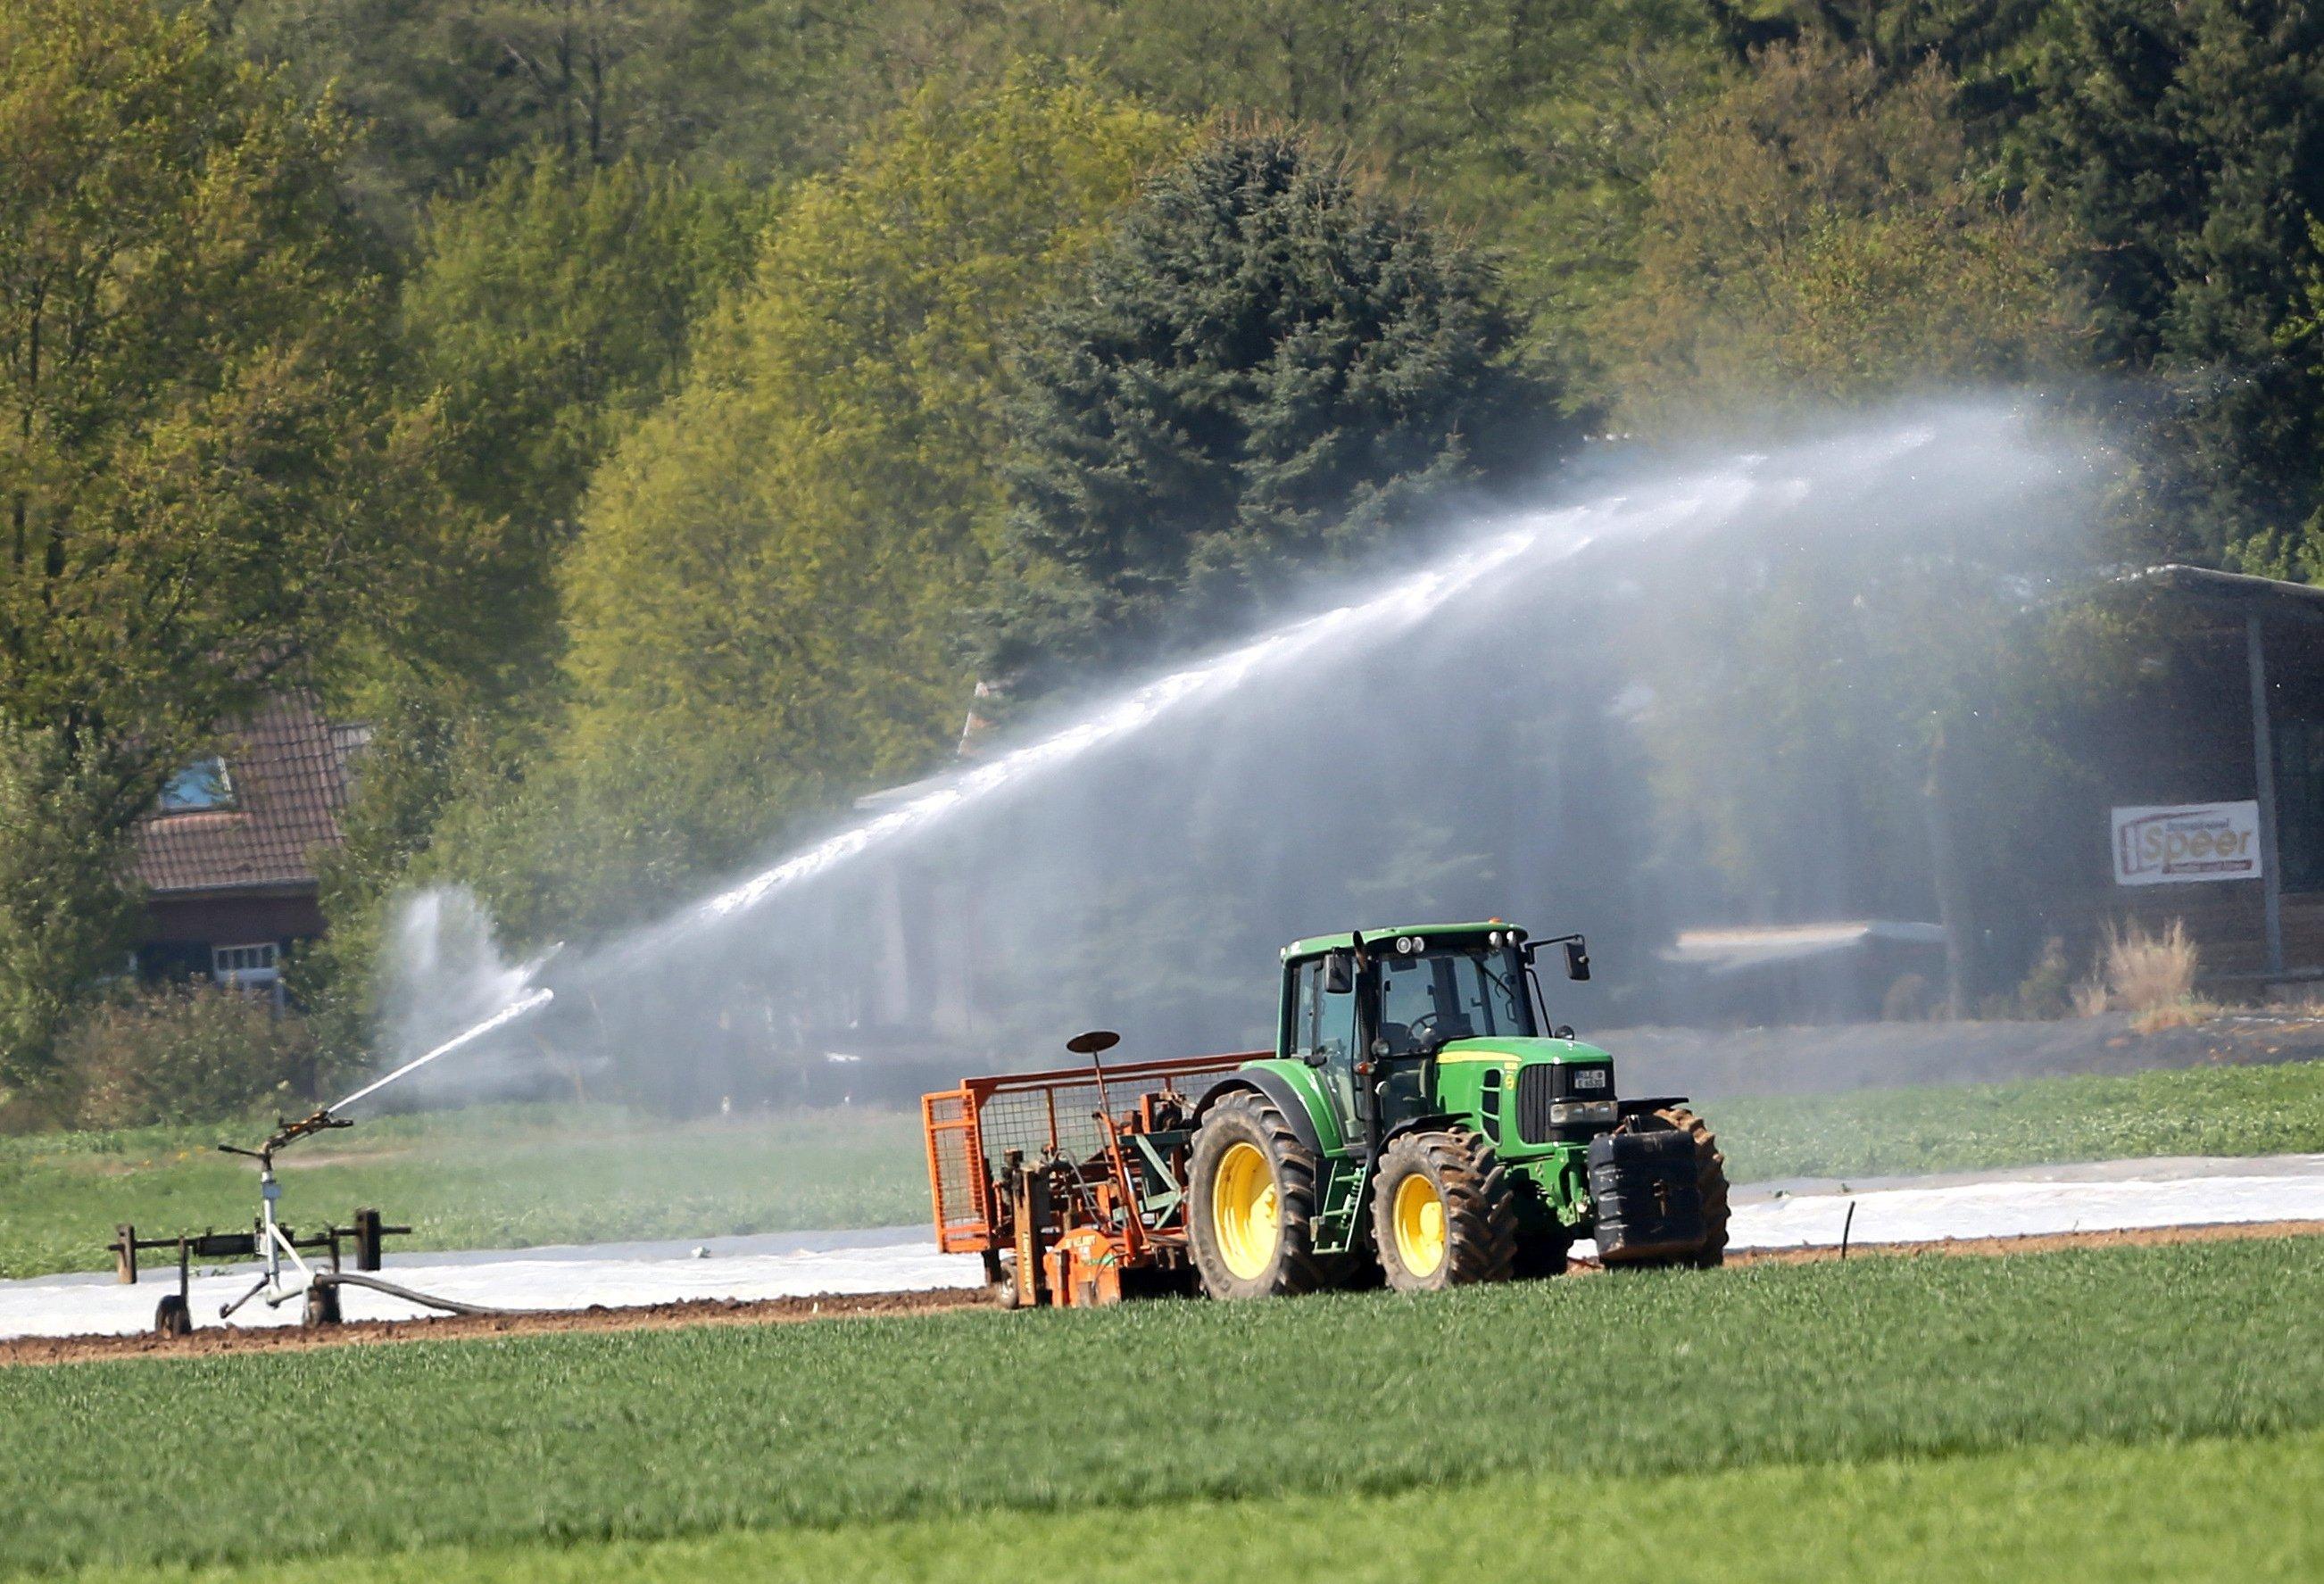 Ausgenommen seien unter anderem Gartenbaubetriebe, die ihre Topfpflanzen mit Mikro- und Tröpfchenbewässerung auch in der Mittagshitze feucht halten müssten. Foto: dpa / Weihrauch